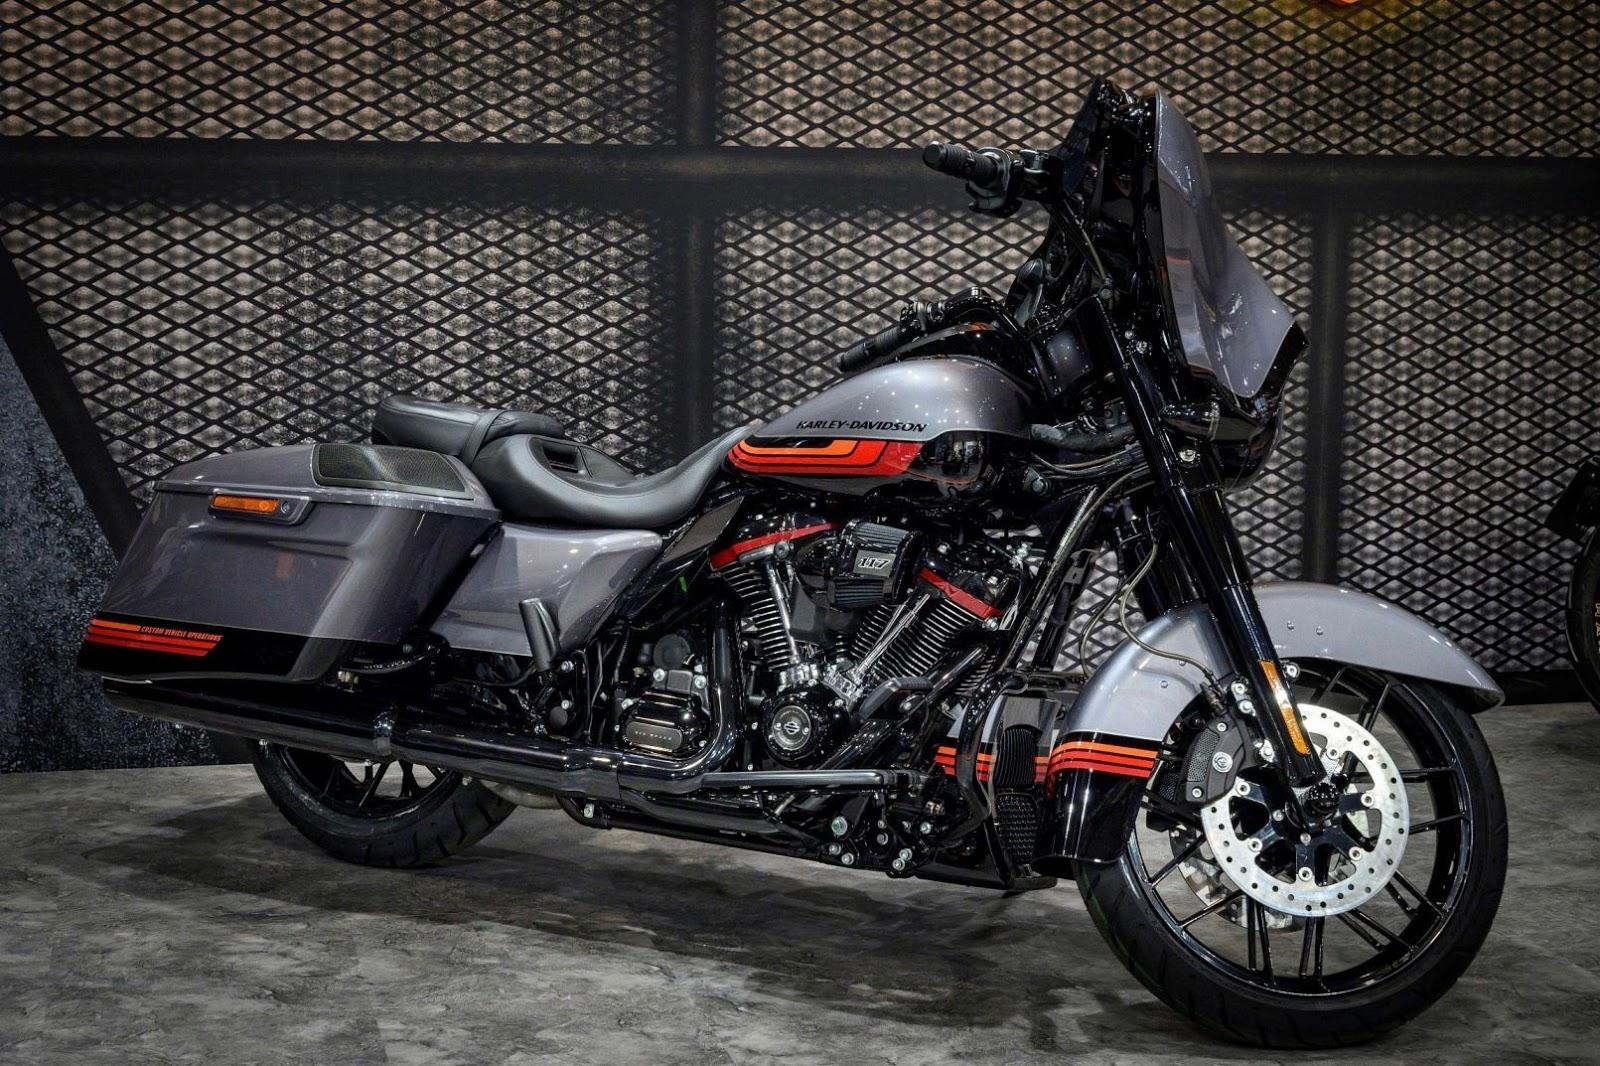 2020 Harley Davidson Touring Service Manual 94000738